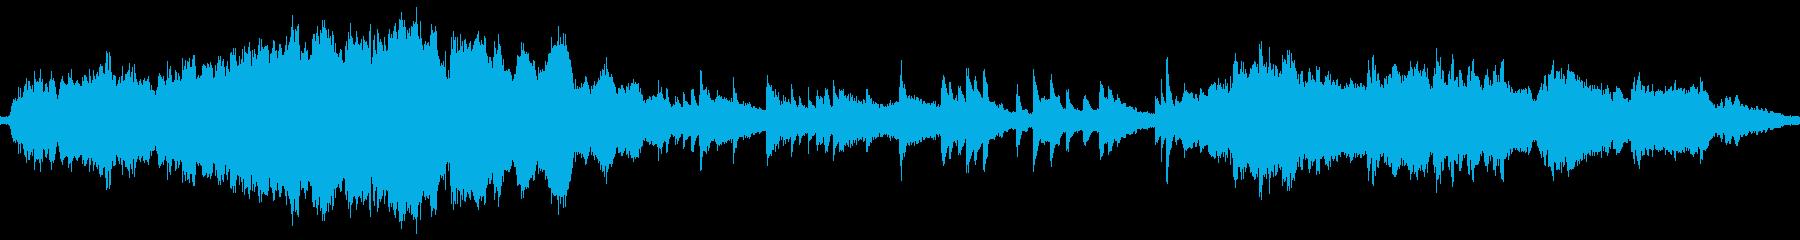 ループ版 ピアノとストリングスのバラードの再生済みの波形